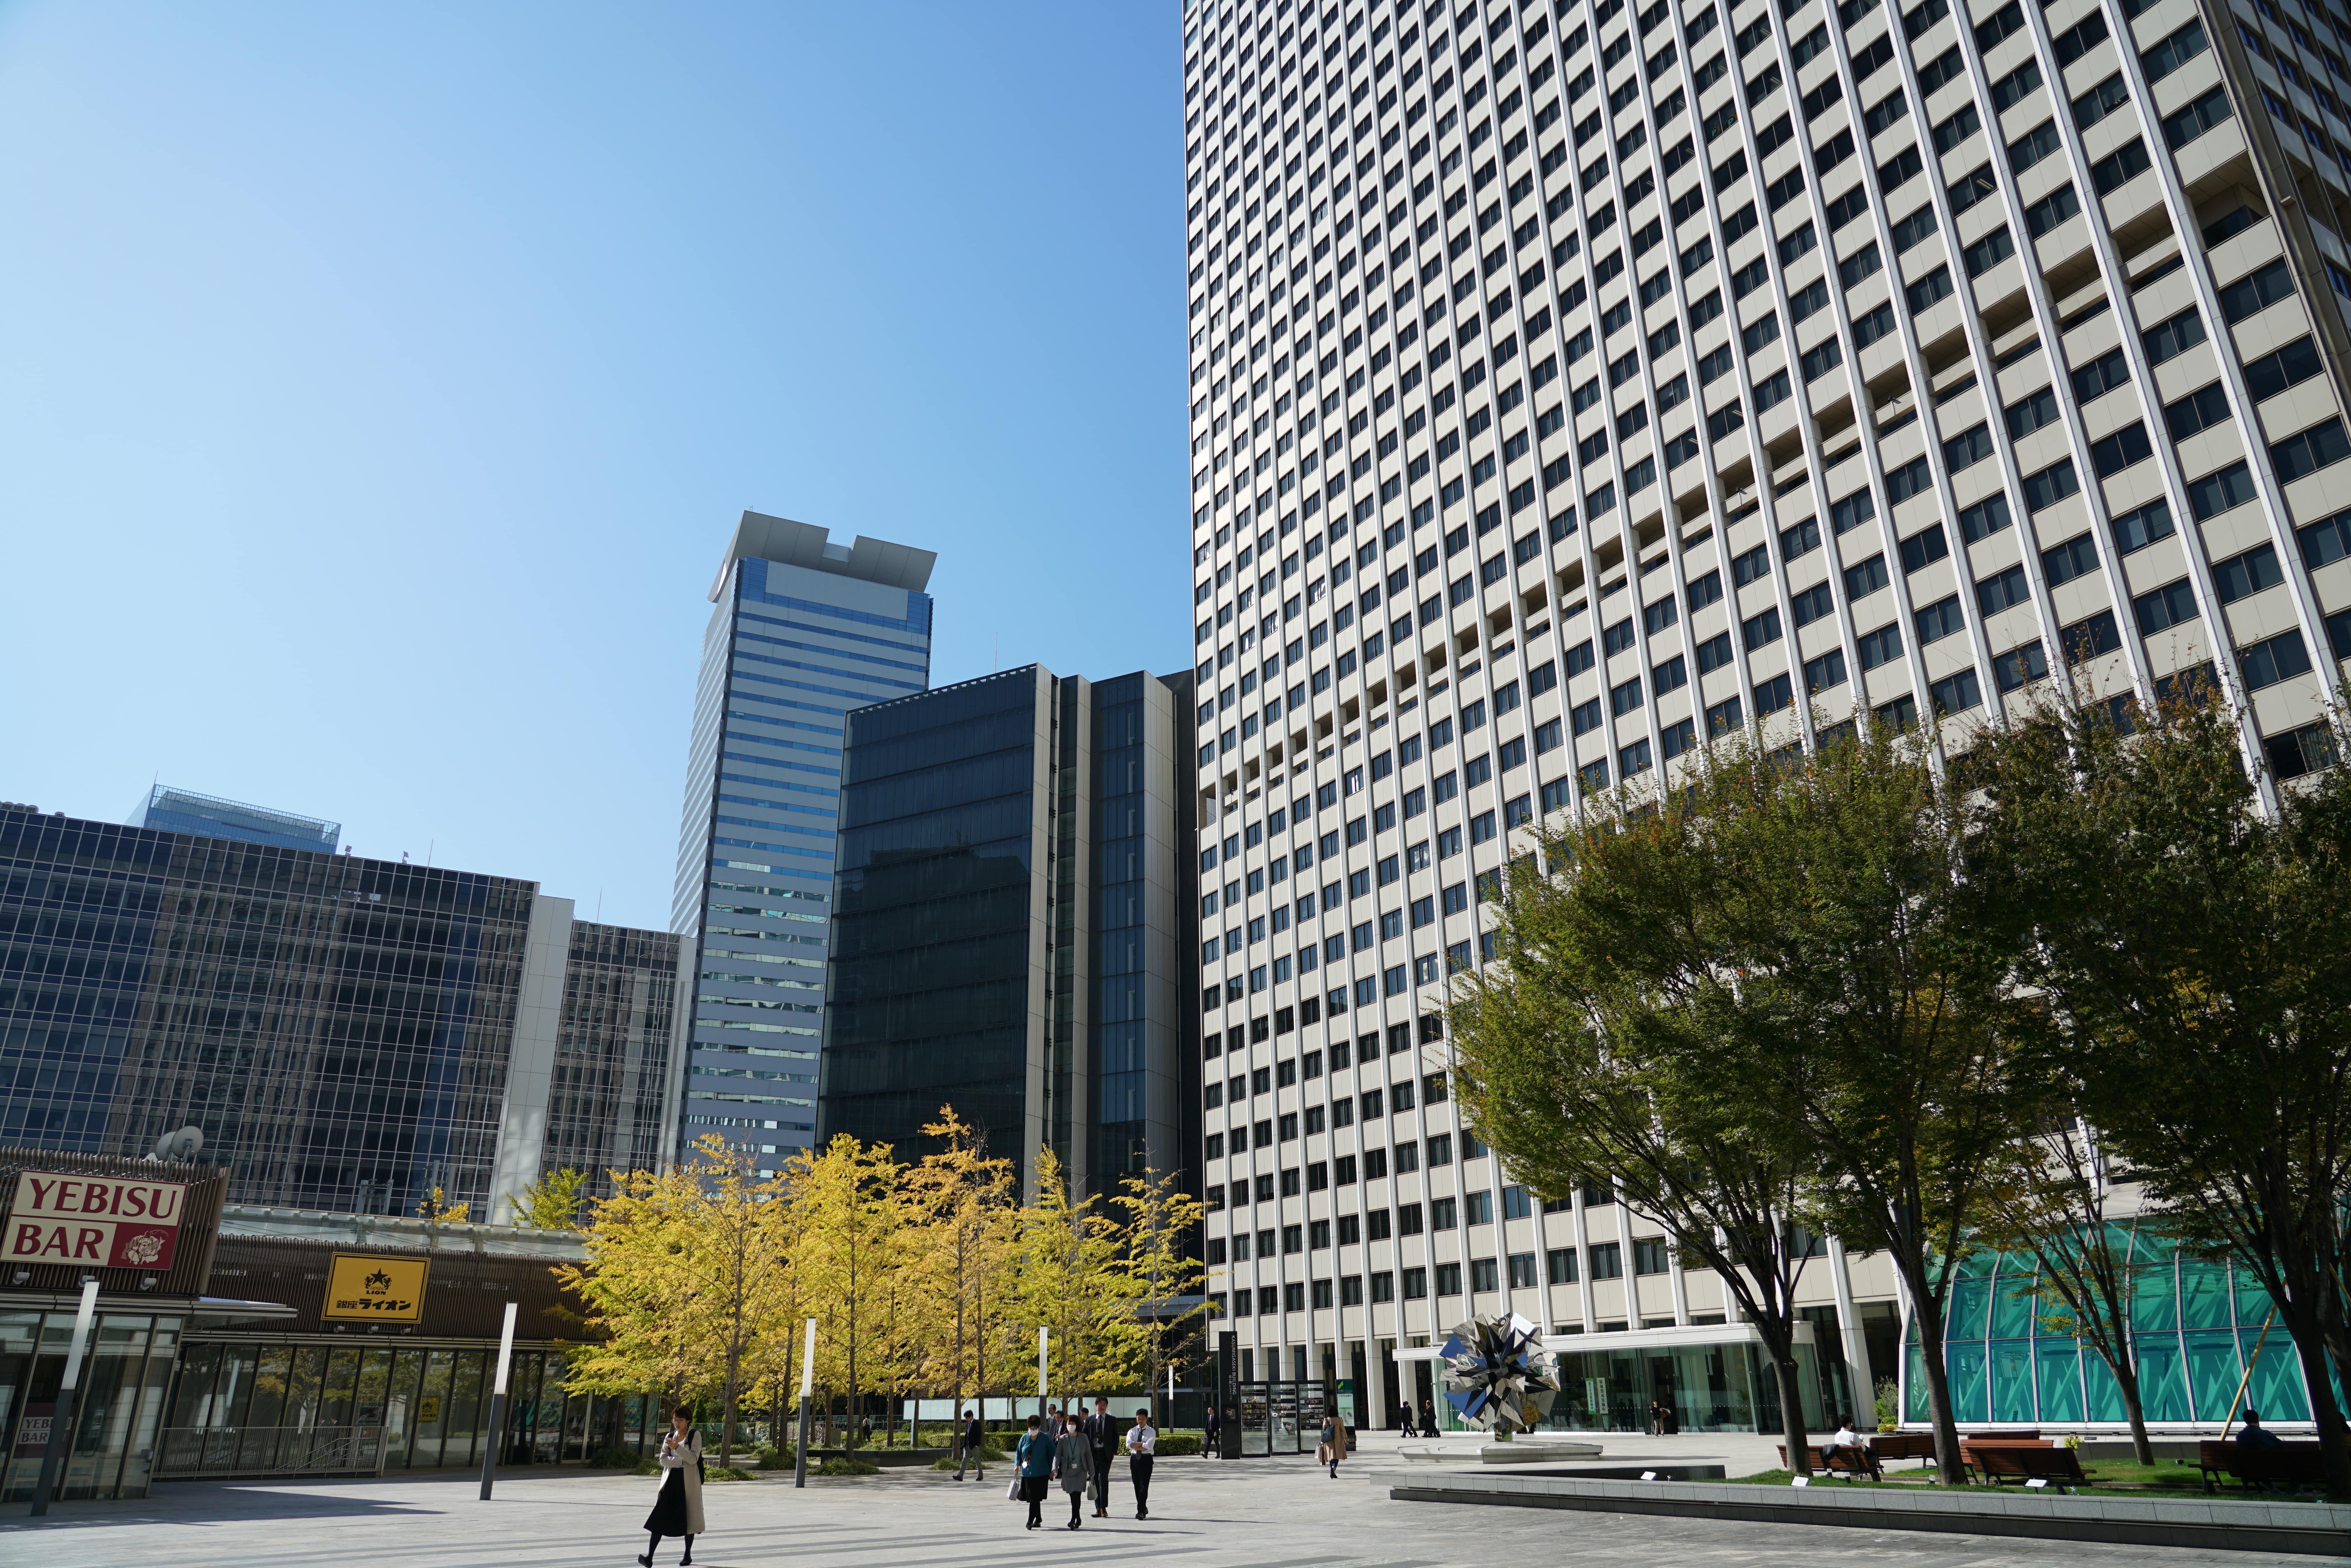 紀尾井町ビルは、26階建ての高層ビルです。麹町から2分、四ツ谷駅から8分です